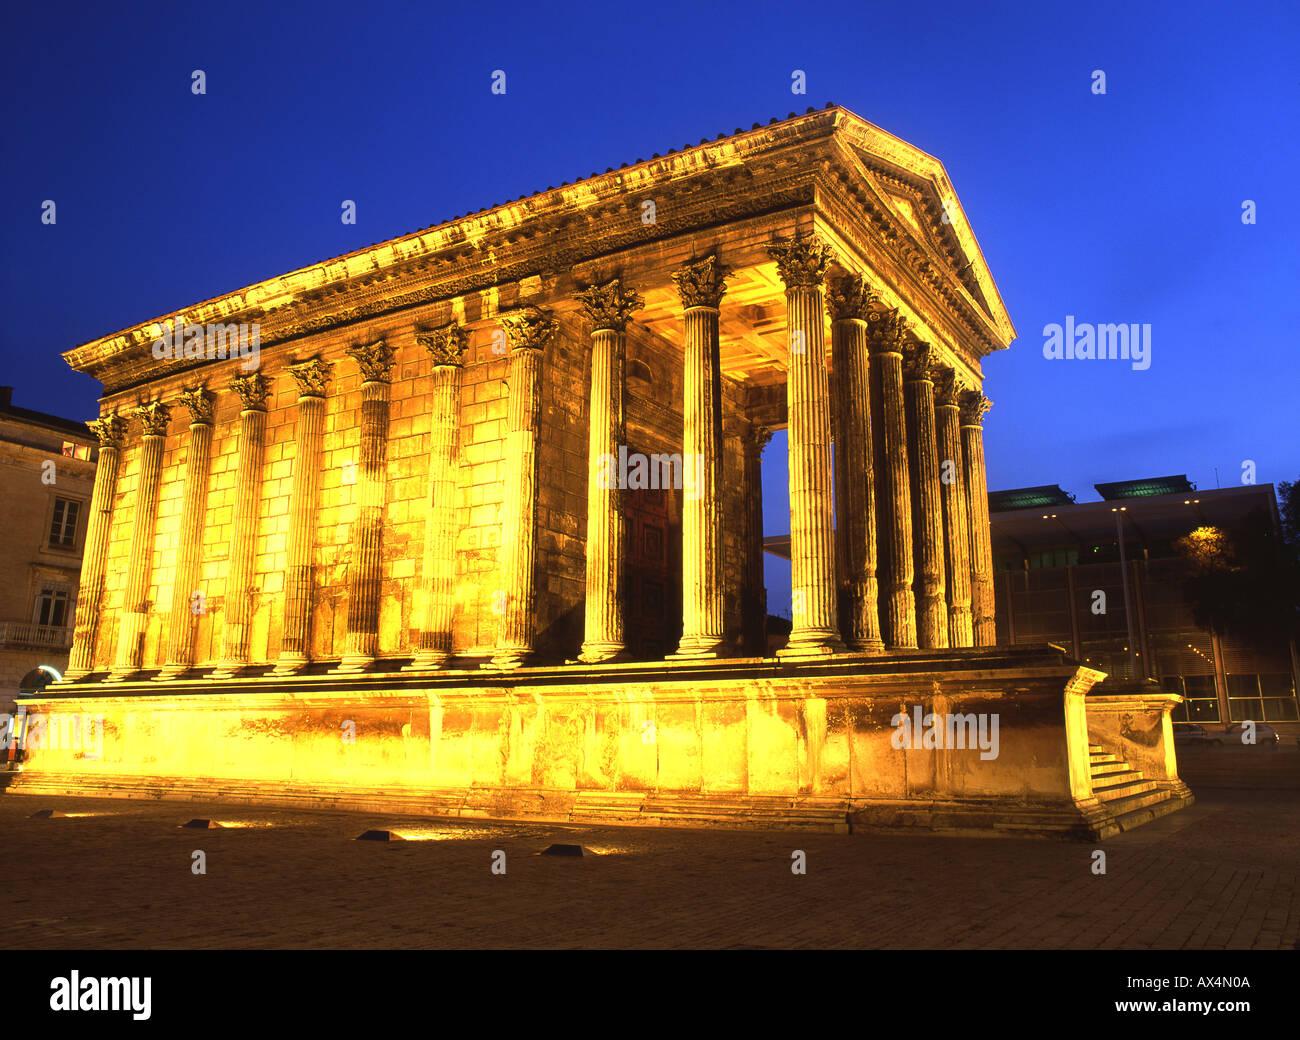 Maison Carrée 2ème ANNONCE de siècle temple romain de nuit carrée d'art museum par Norman Foster Nîmes Languedoc Rousillon & France Photo Stock